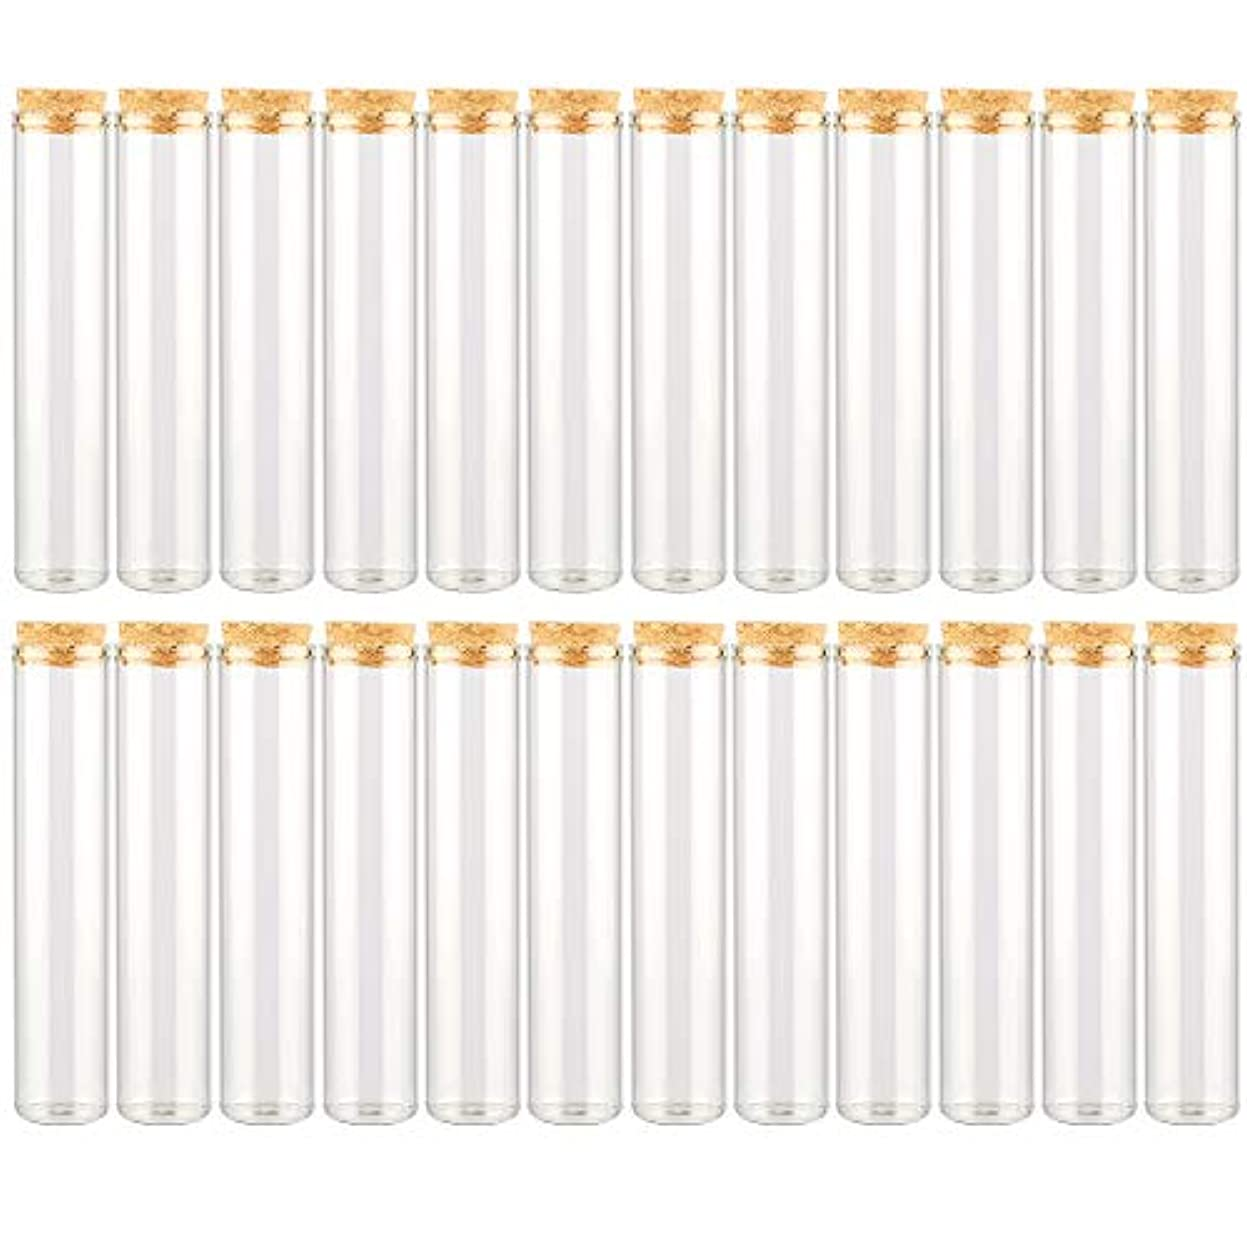 に対応する答えペダルEC Labmouse シンプル ガラス瓶 コルク栓 24本セット 30ml 透明 ガラス製 アロマオイル 香水 花材 ビーズ 調味料 試験管 (30ml 24本)